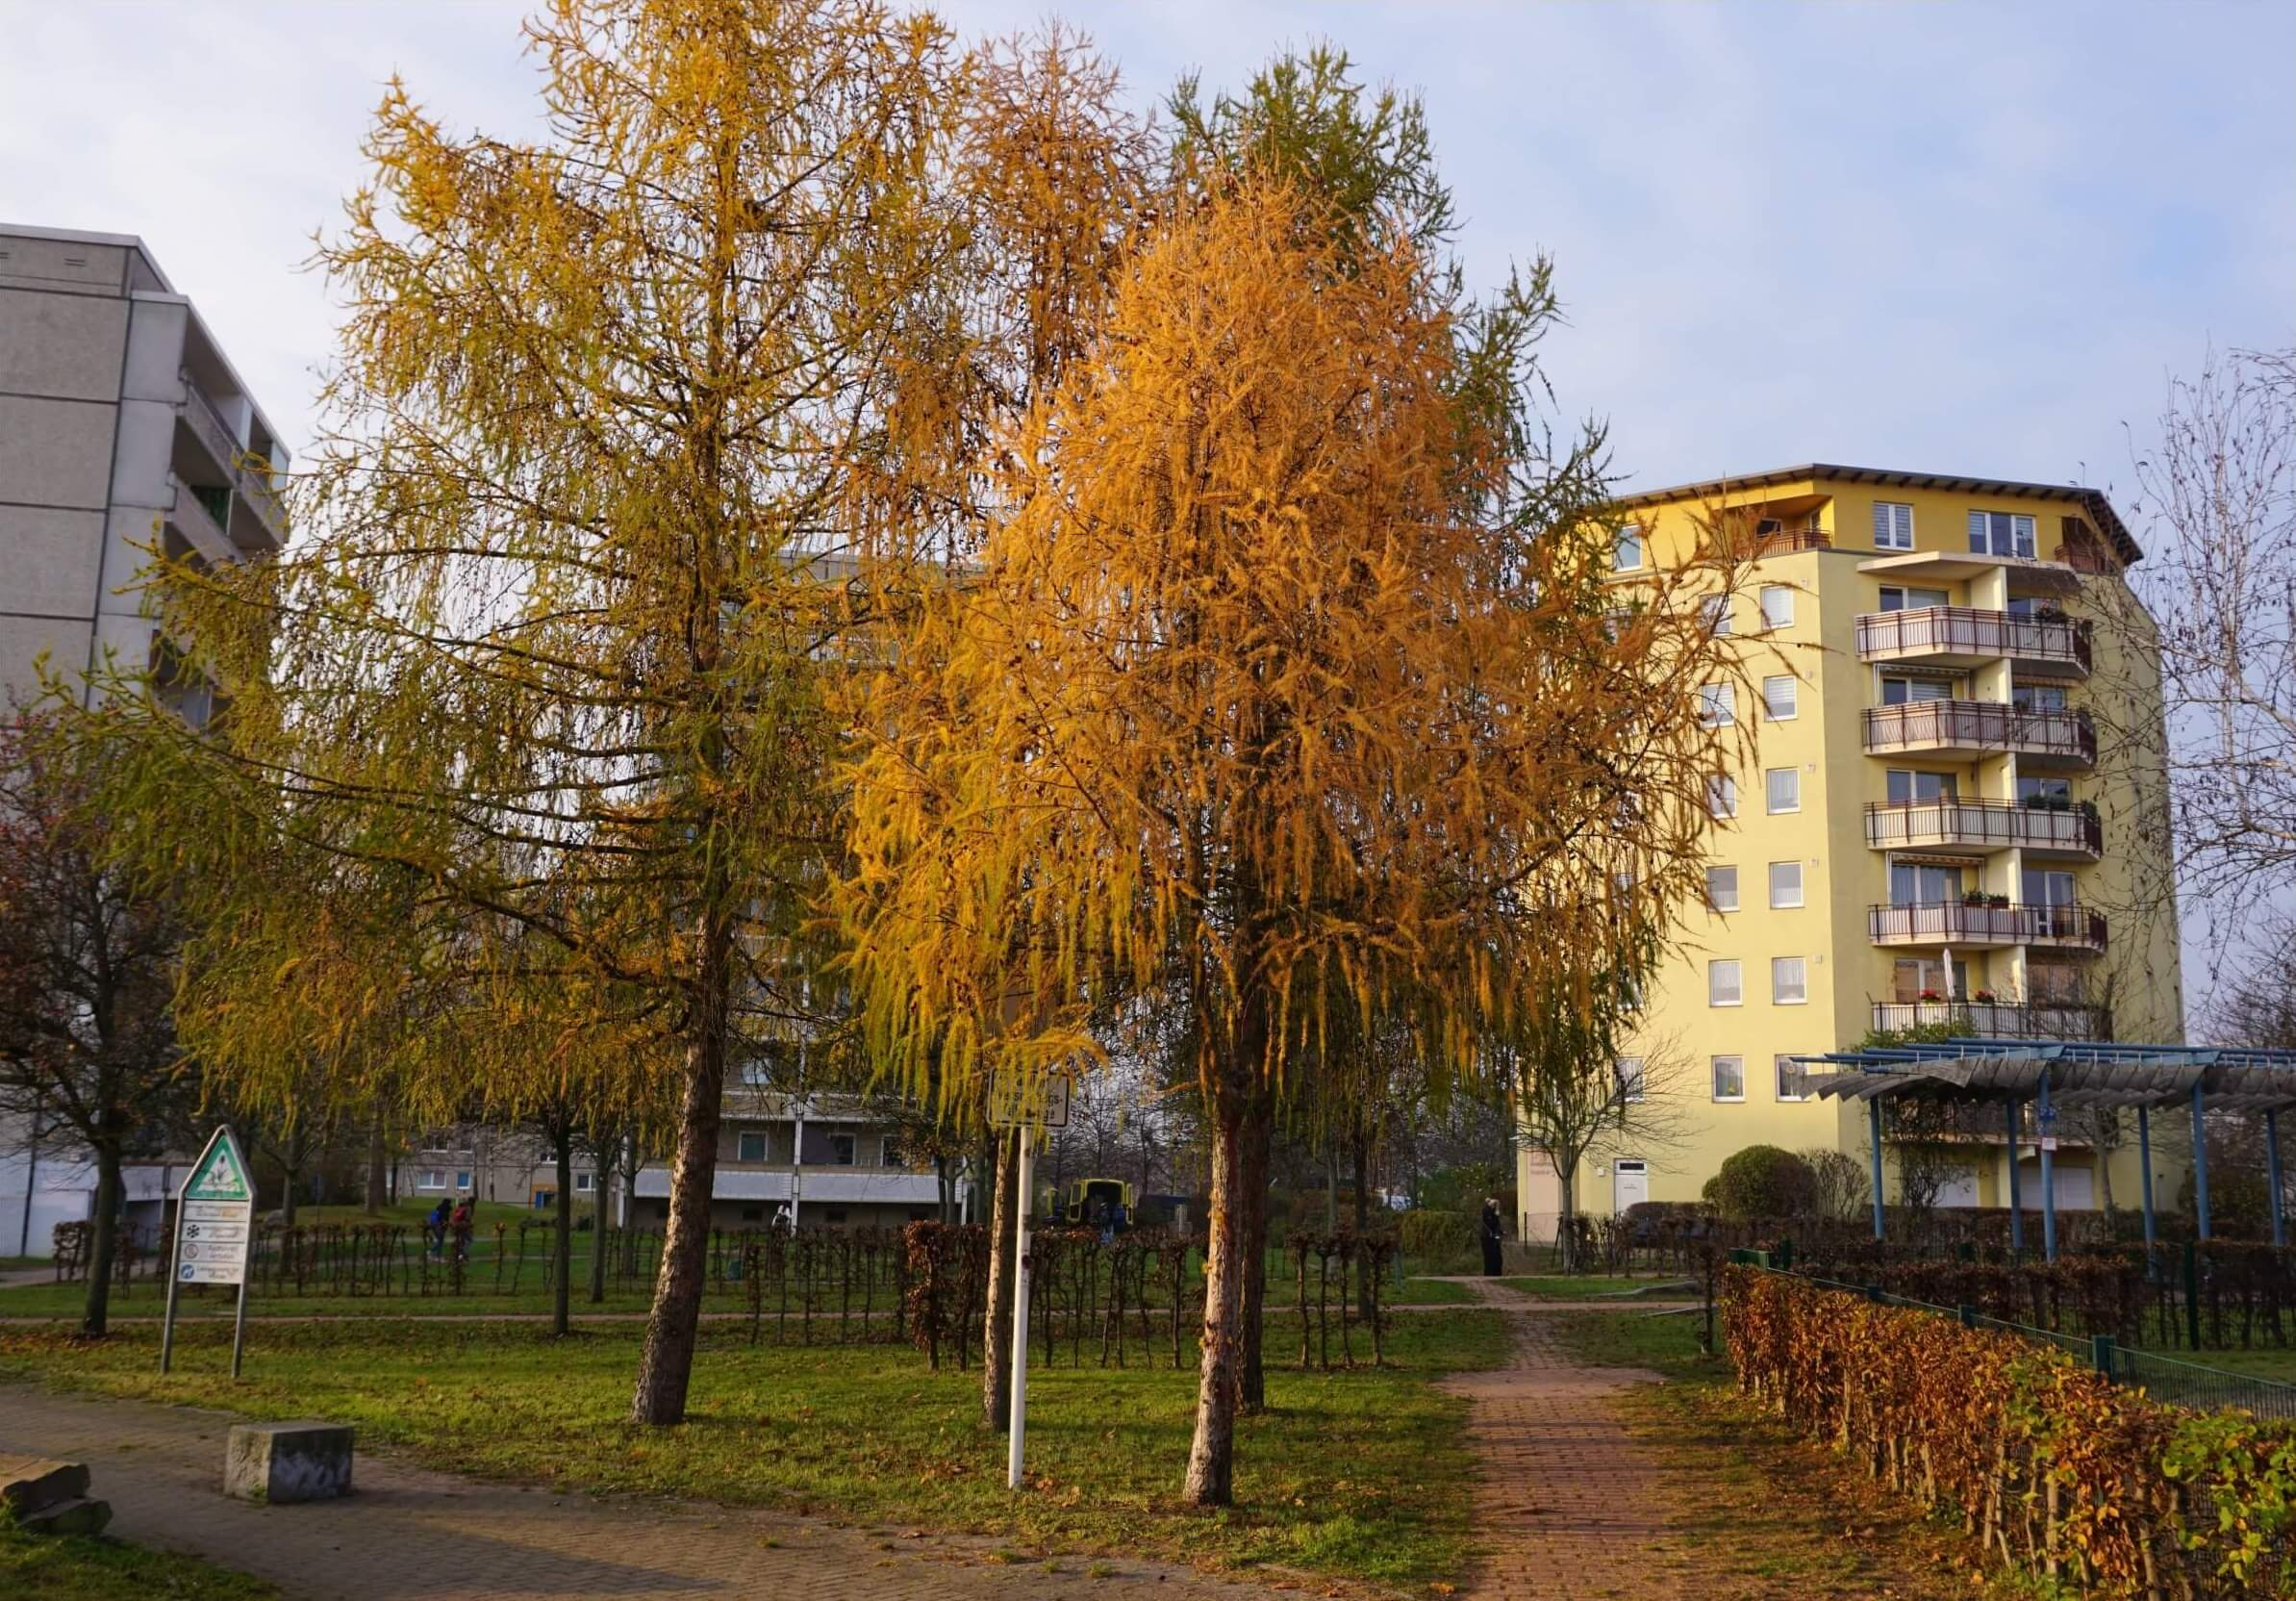 Das Bild zeigt die goldgelbe Herbstfärbung an Lärchen im zentralen Grünzug des Kosmosviertels, in der Nähe des Anne-Frank-Gymnasiums. Sie bilden hier eine kleine Gehölzgruppe, die von Fussgängerwegen flankiert wird.